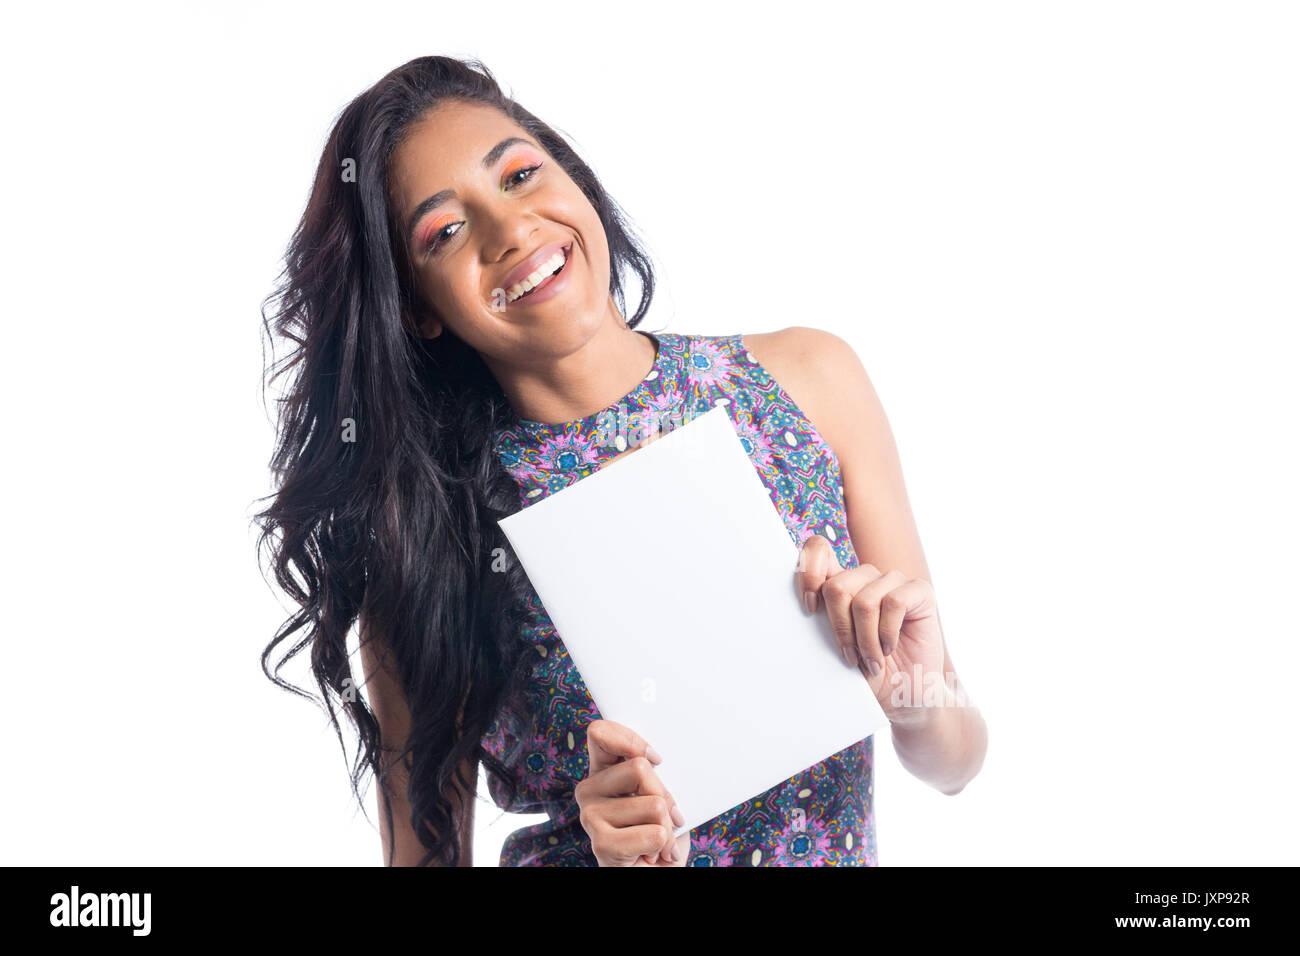 44dd7a355e La ragazza è sempre sorridente e lo spazio di contenimento per la  pubblicità. Donna brasiliana